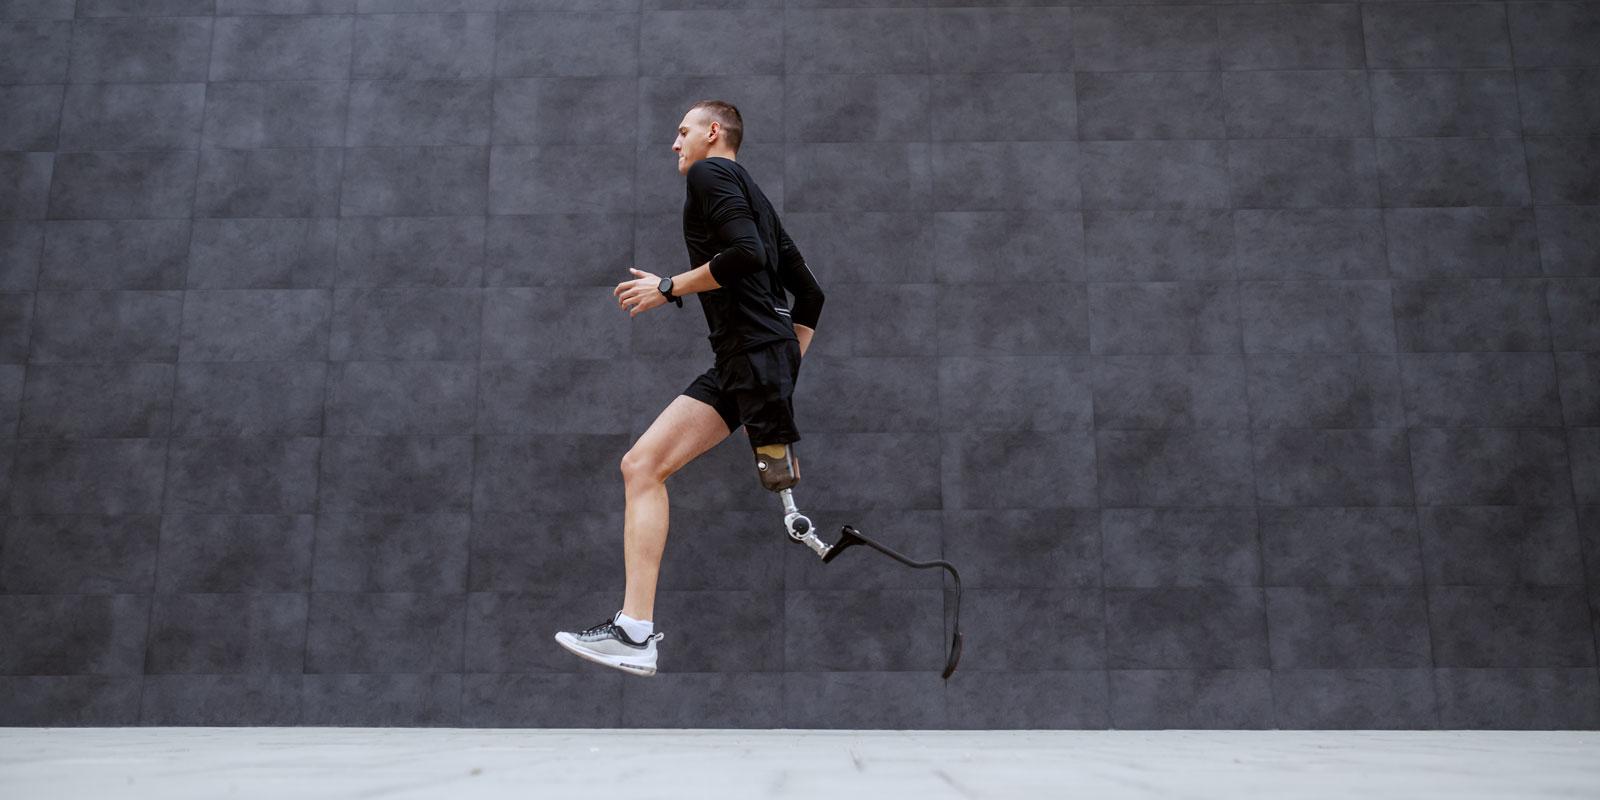 prosthetic-limb